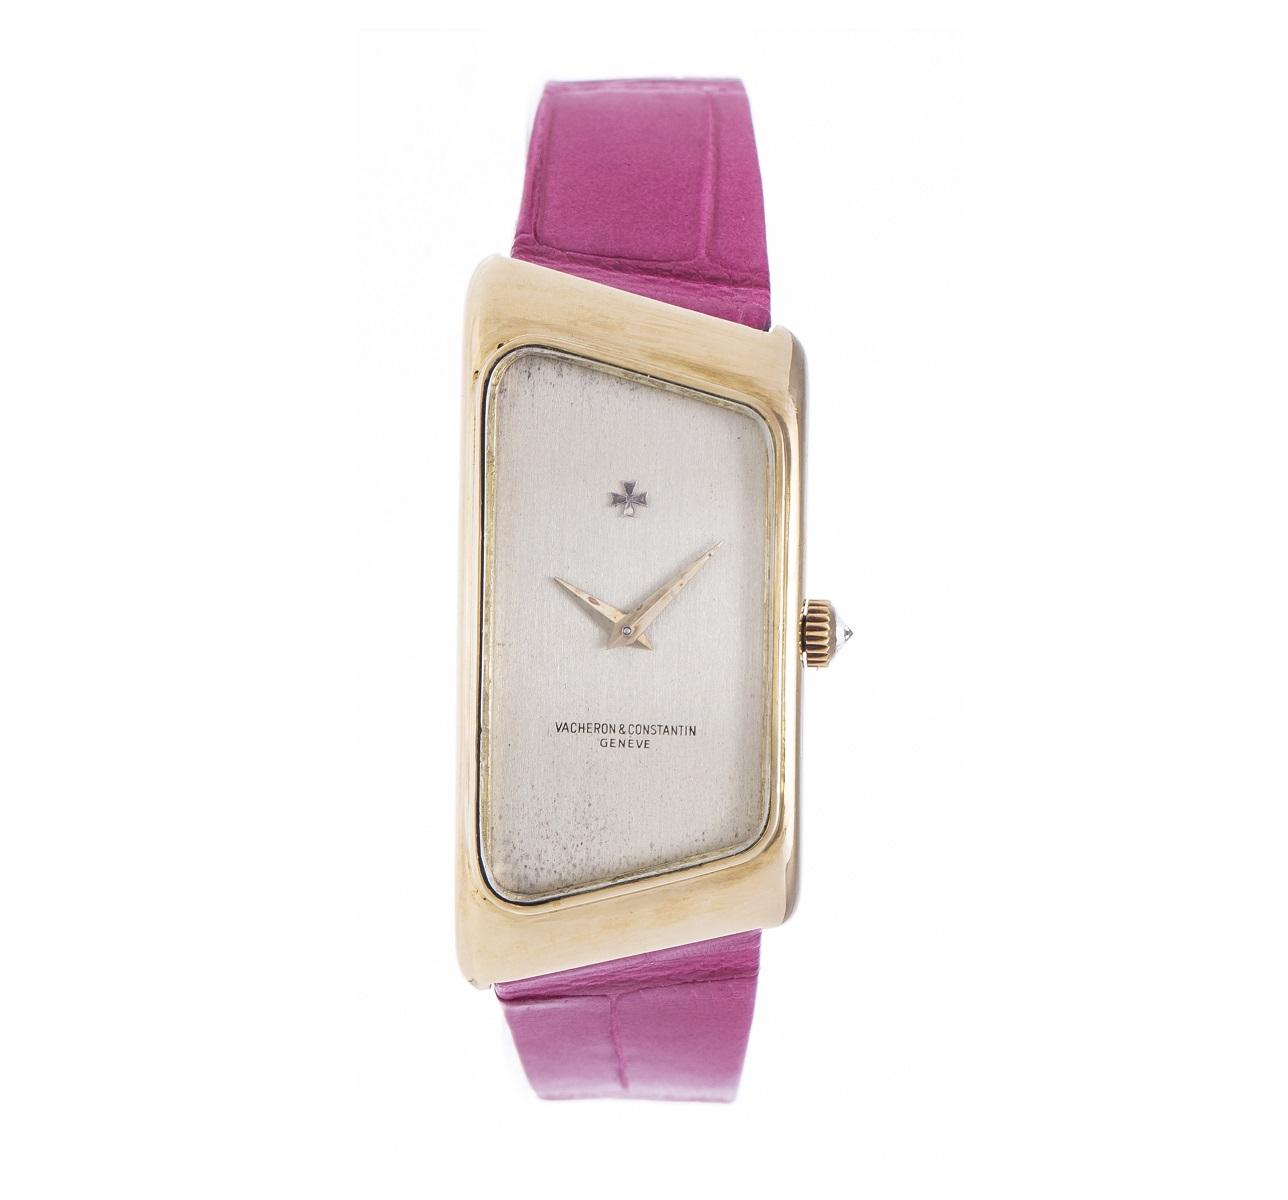 バシュロン コンスタンタン VACHERON CONSTANTIN YG イエローゴールド 腕時計  手巻き レディース 腕時計 アンティーク Antique 送料無料 トレジャースポット 中古